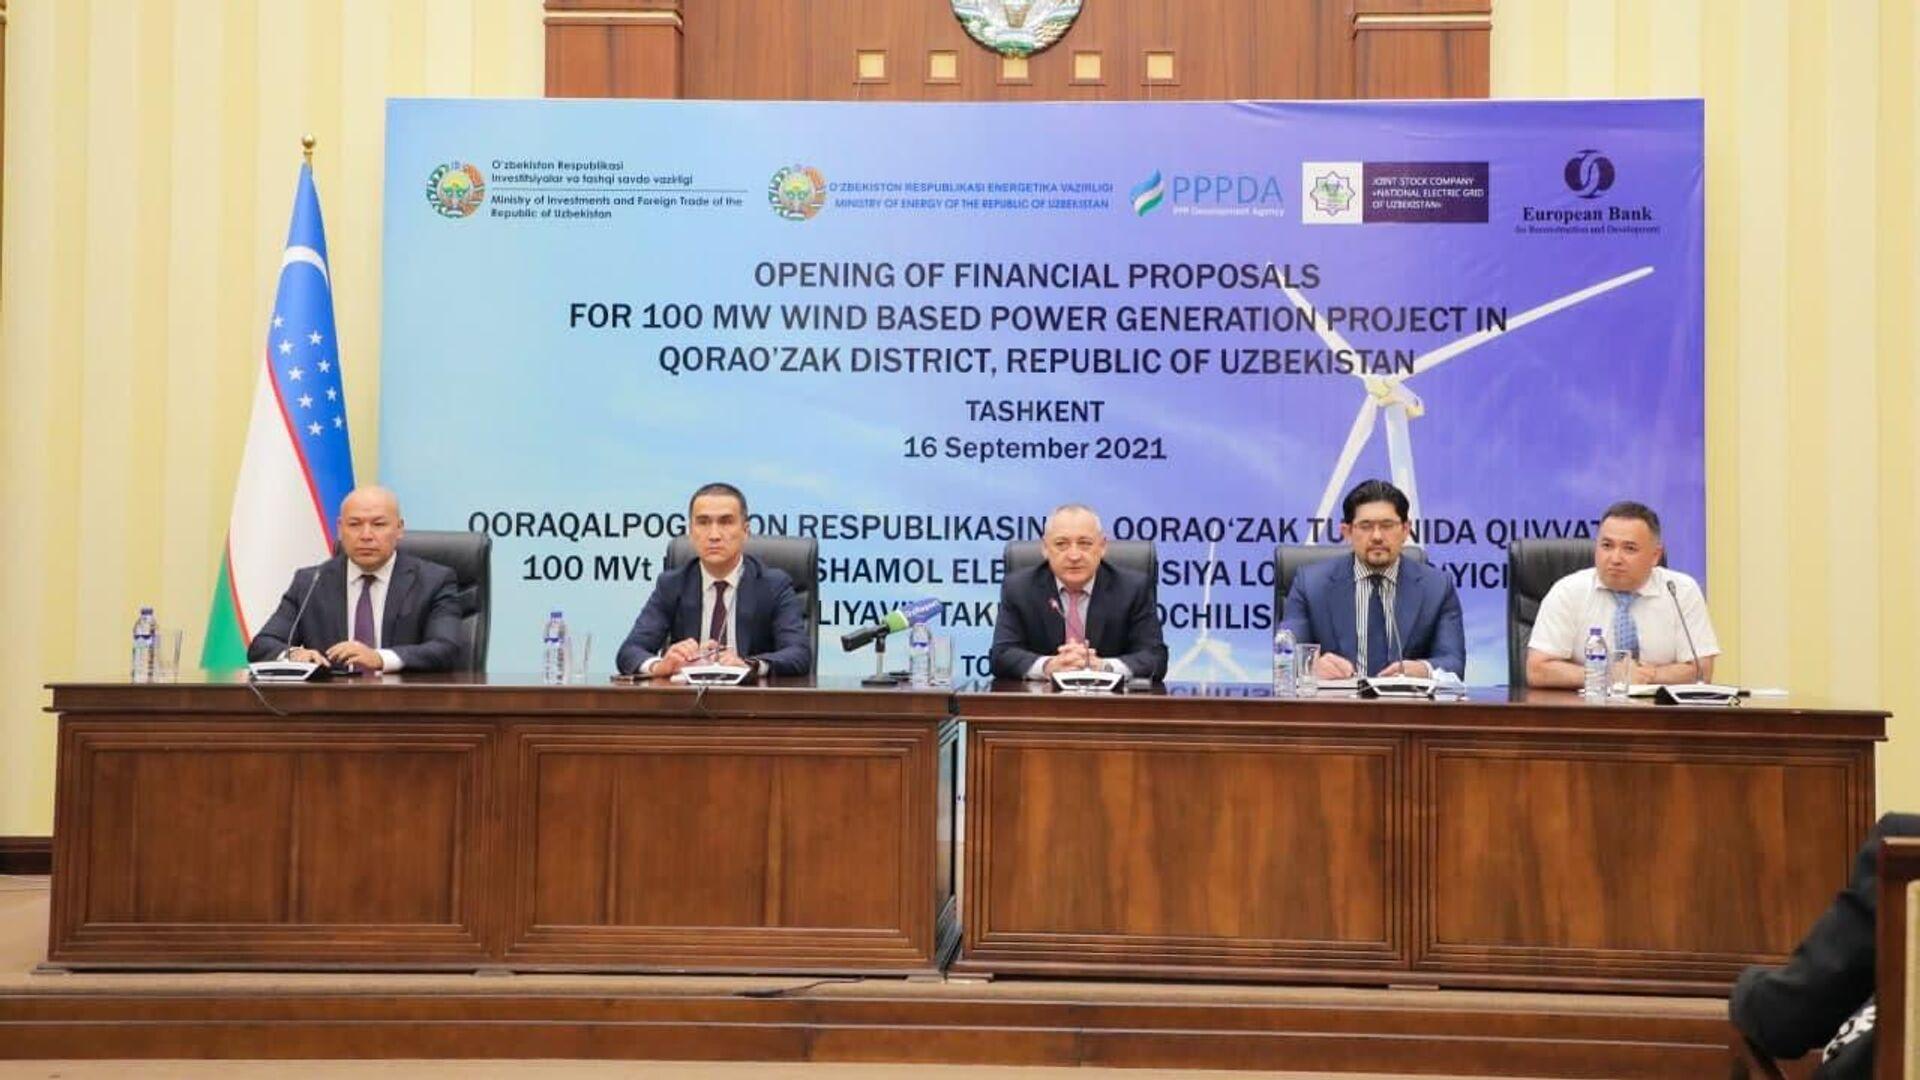 Открытие финансовых предложений для строительства ВЭС в Узбекистане. - Sputnik Узбекистан, 1920, 16.09.2021